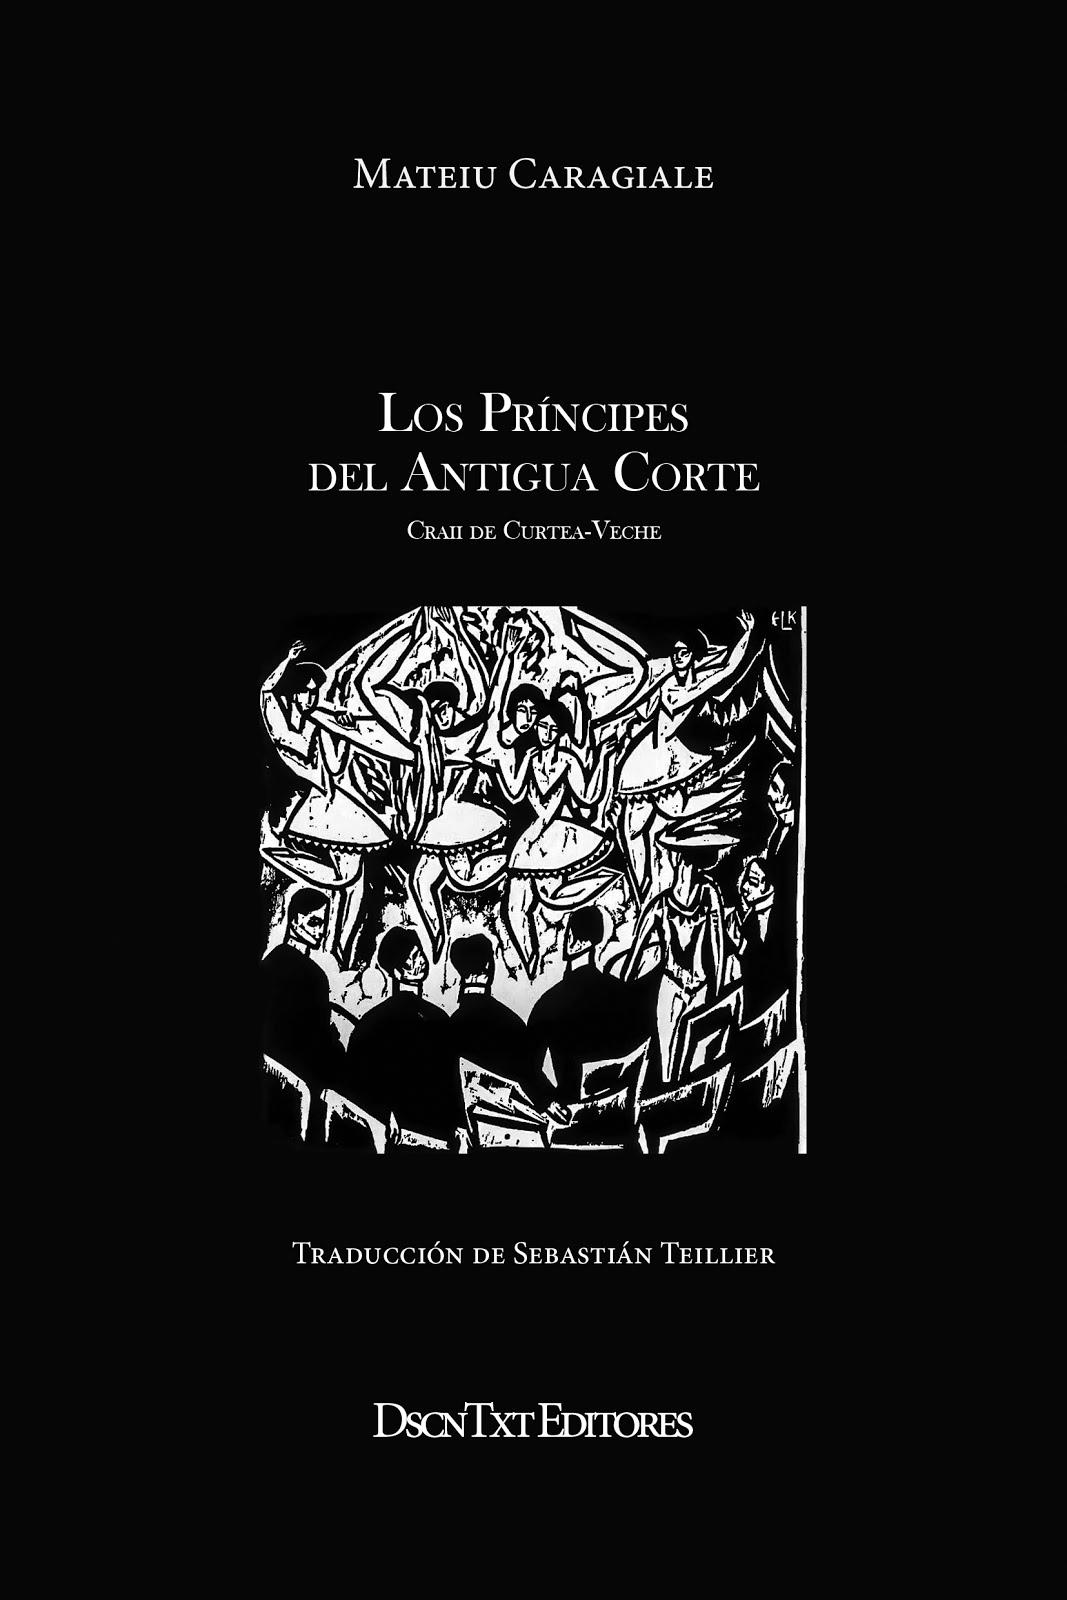 Los príncipes del Antigua Corte, de Mateiu Caragiale. Traducción de Sebastián Teillier